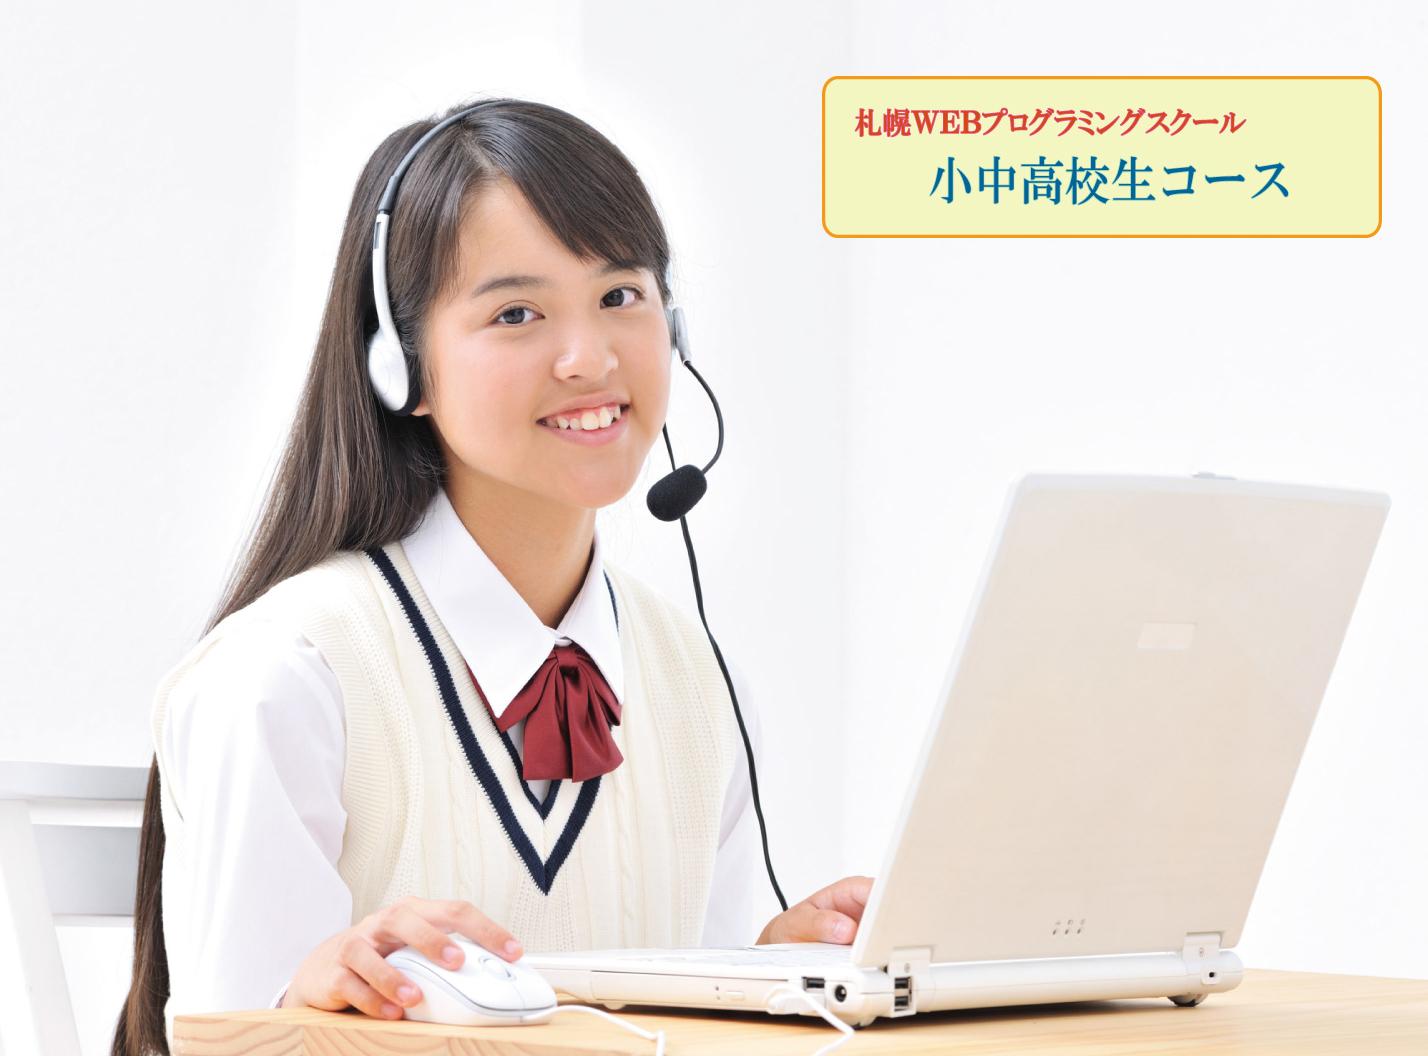 札プロ 小中高校生コース へのリンク画像